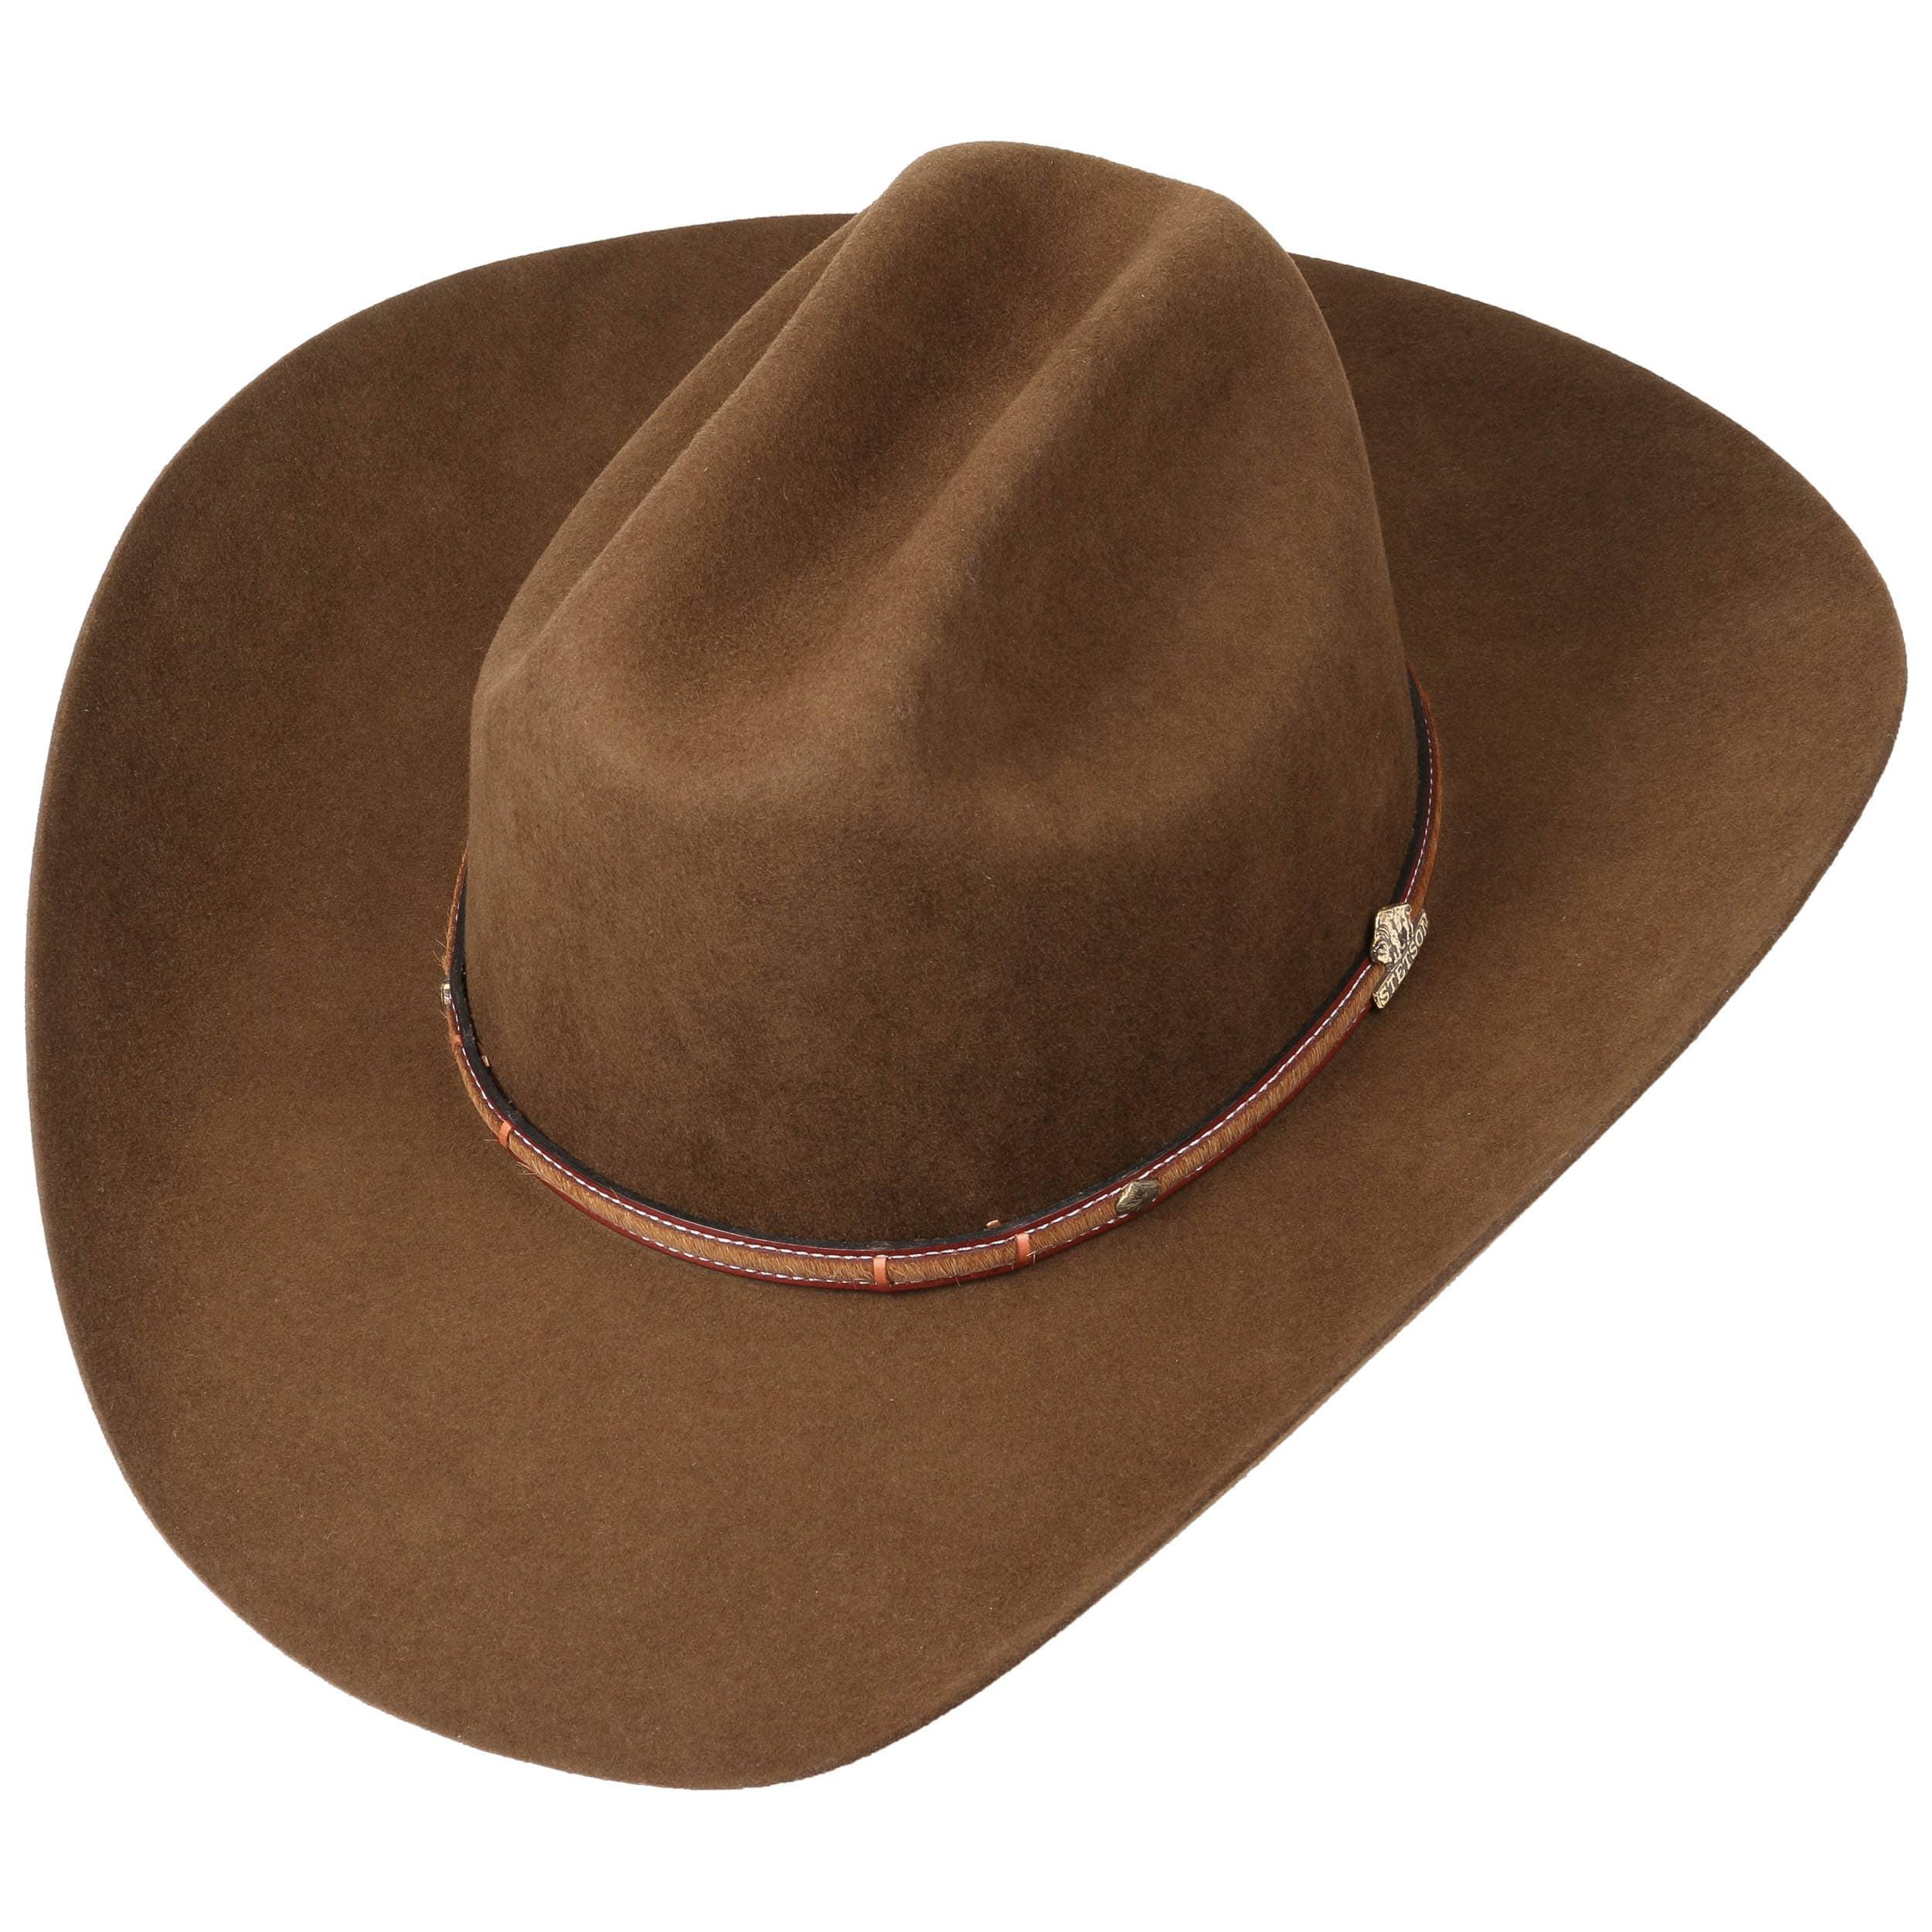 Sombrero Vaquero Powder River by Stetson - Sombreros - sombreroshop.es 91854dbcc53